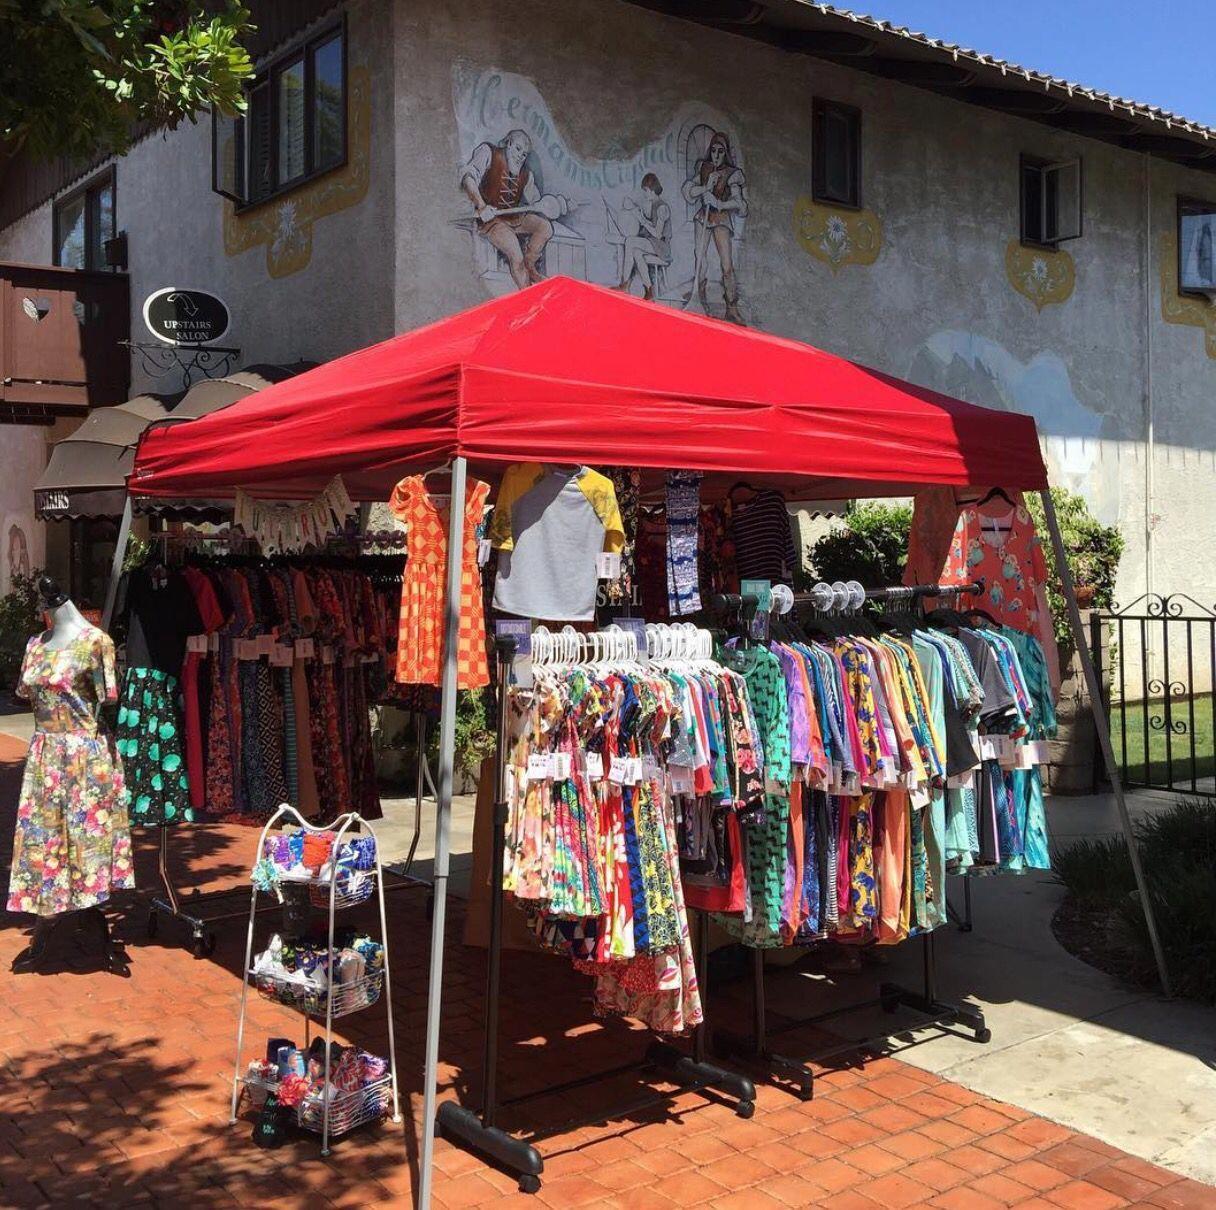 Vendor Event Popup Festivaltentsetuplights Decoracion Tienda De Ropa Exhibidores De Ropa Decorar Tiendas De Ropa